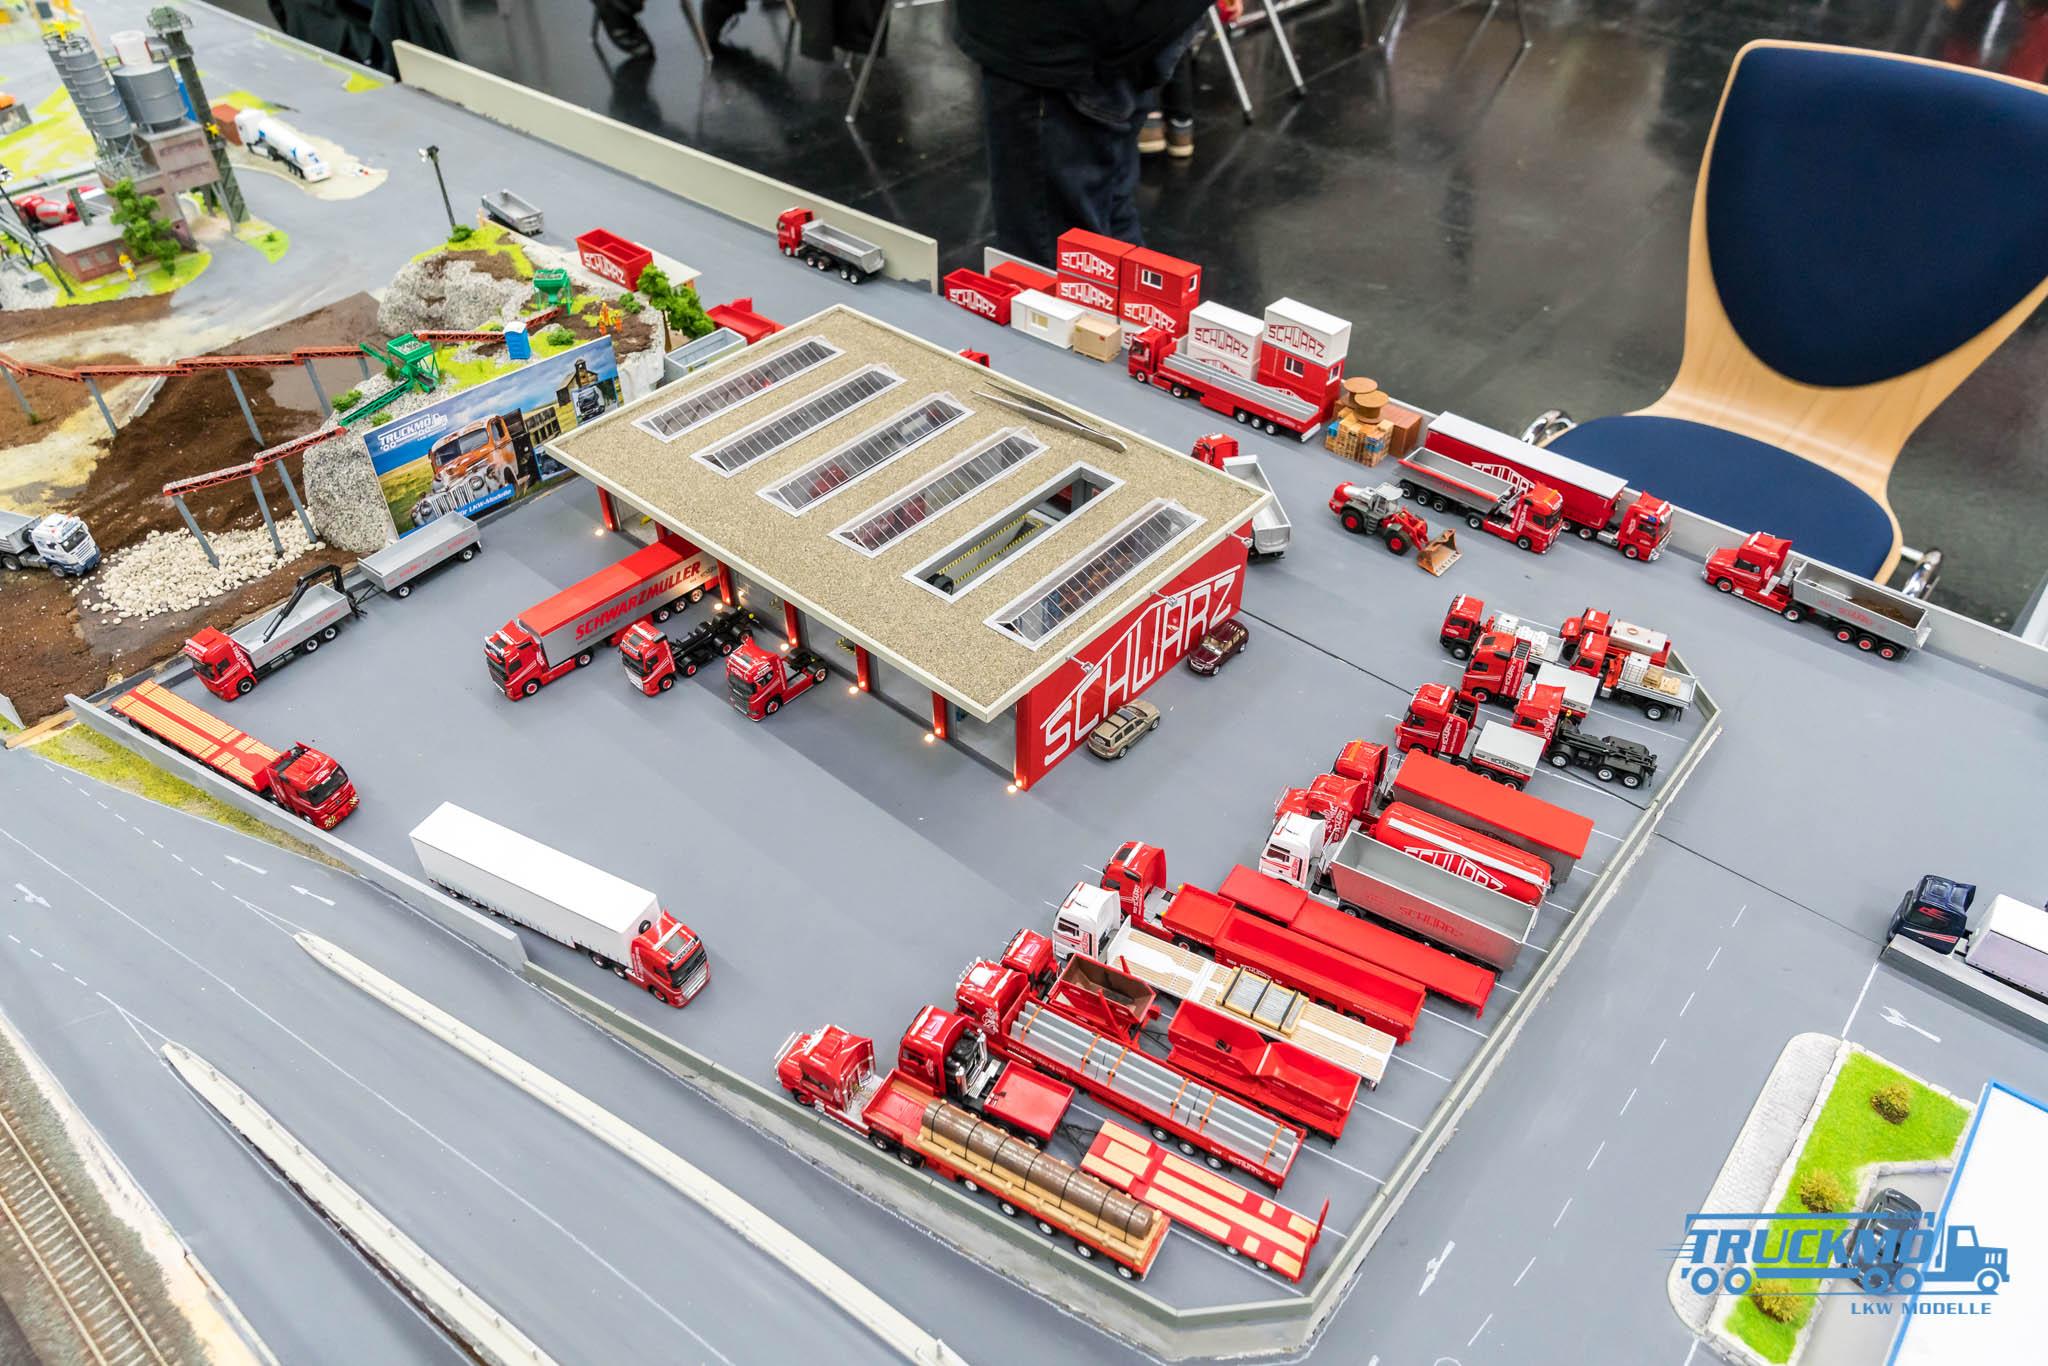 Truckmo_Modellbau_Ried_2017_Herpa_Messe_Modellbauausstellung (156 von 1177)